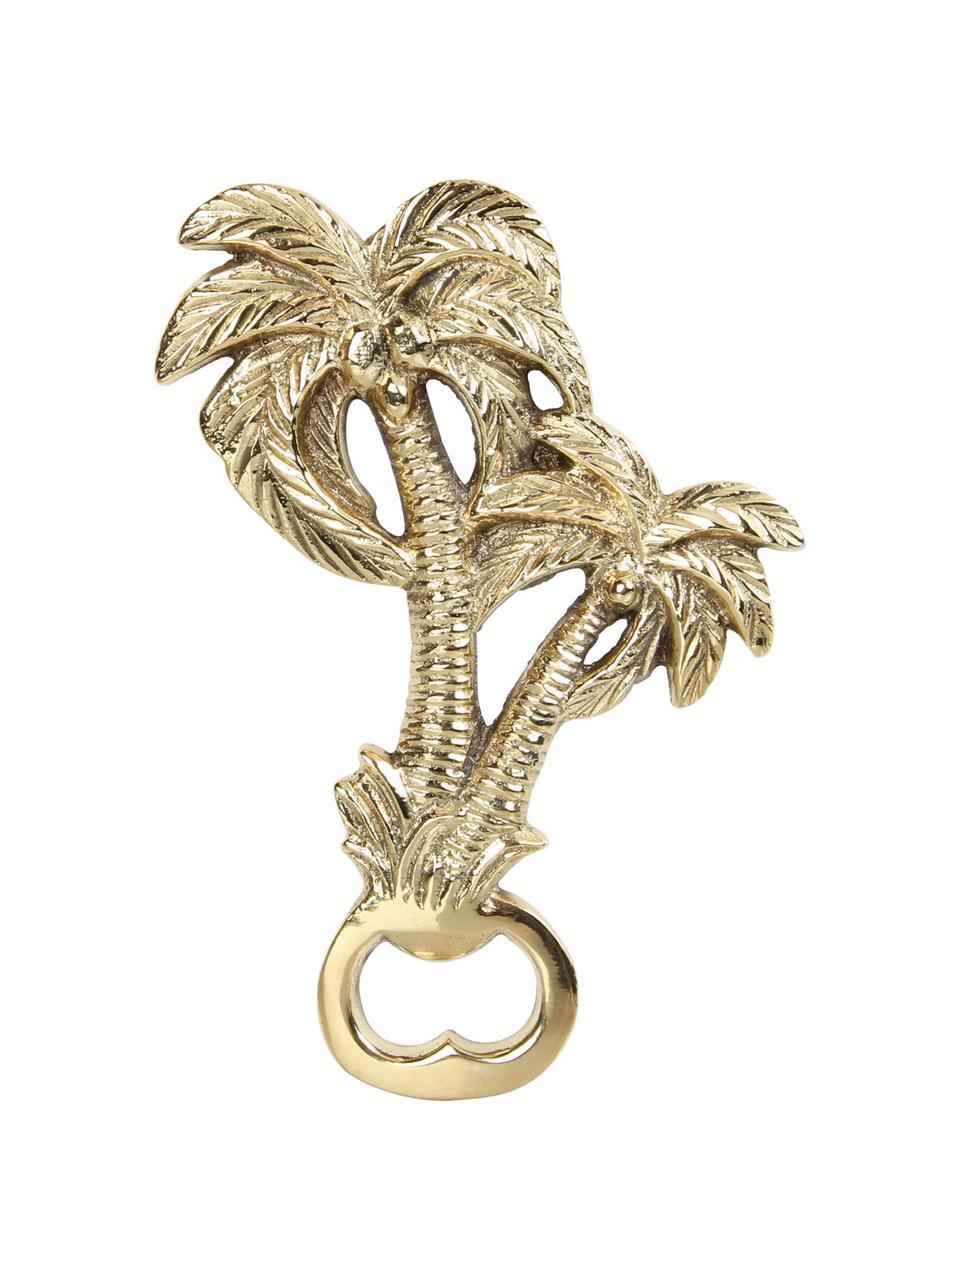 Otwieracz do butelek Palmtree, Mosiądz, Złoty, 14 x 10 cm